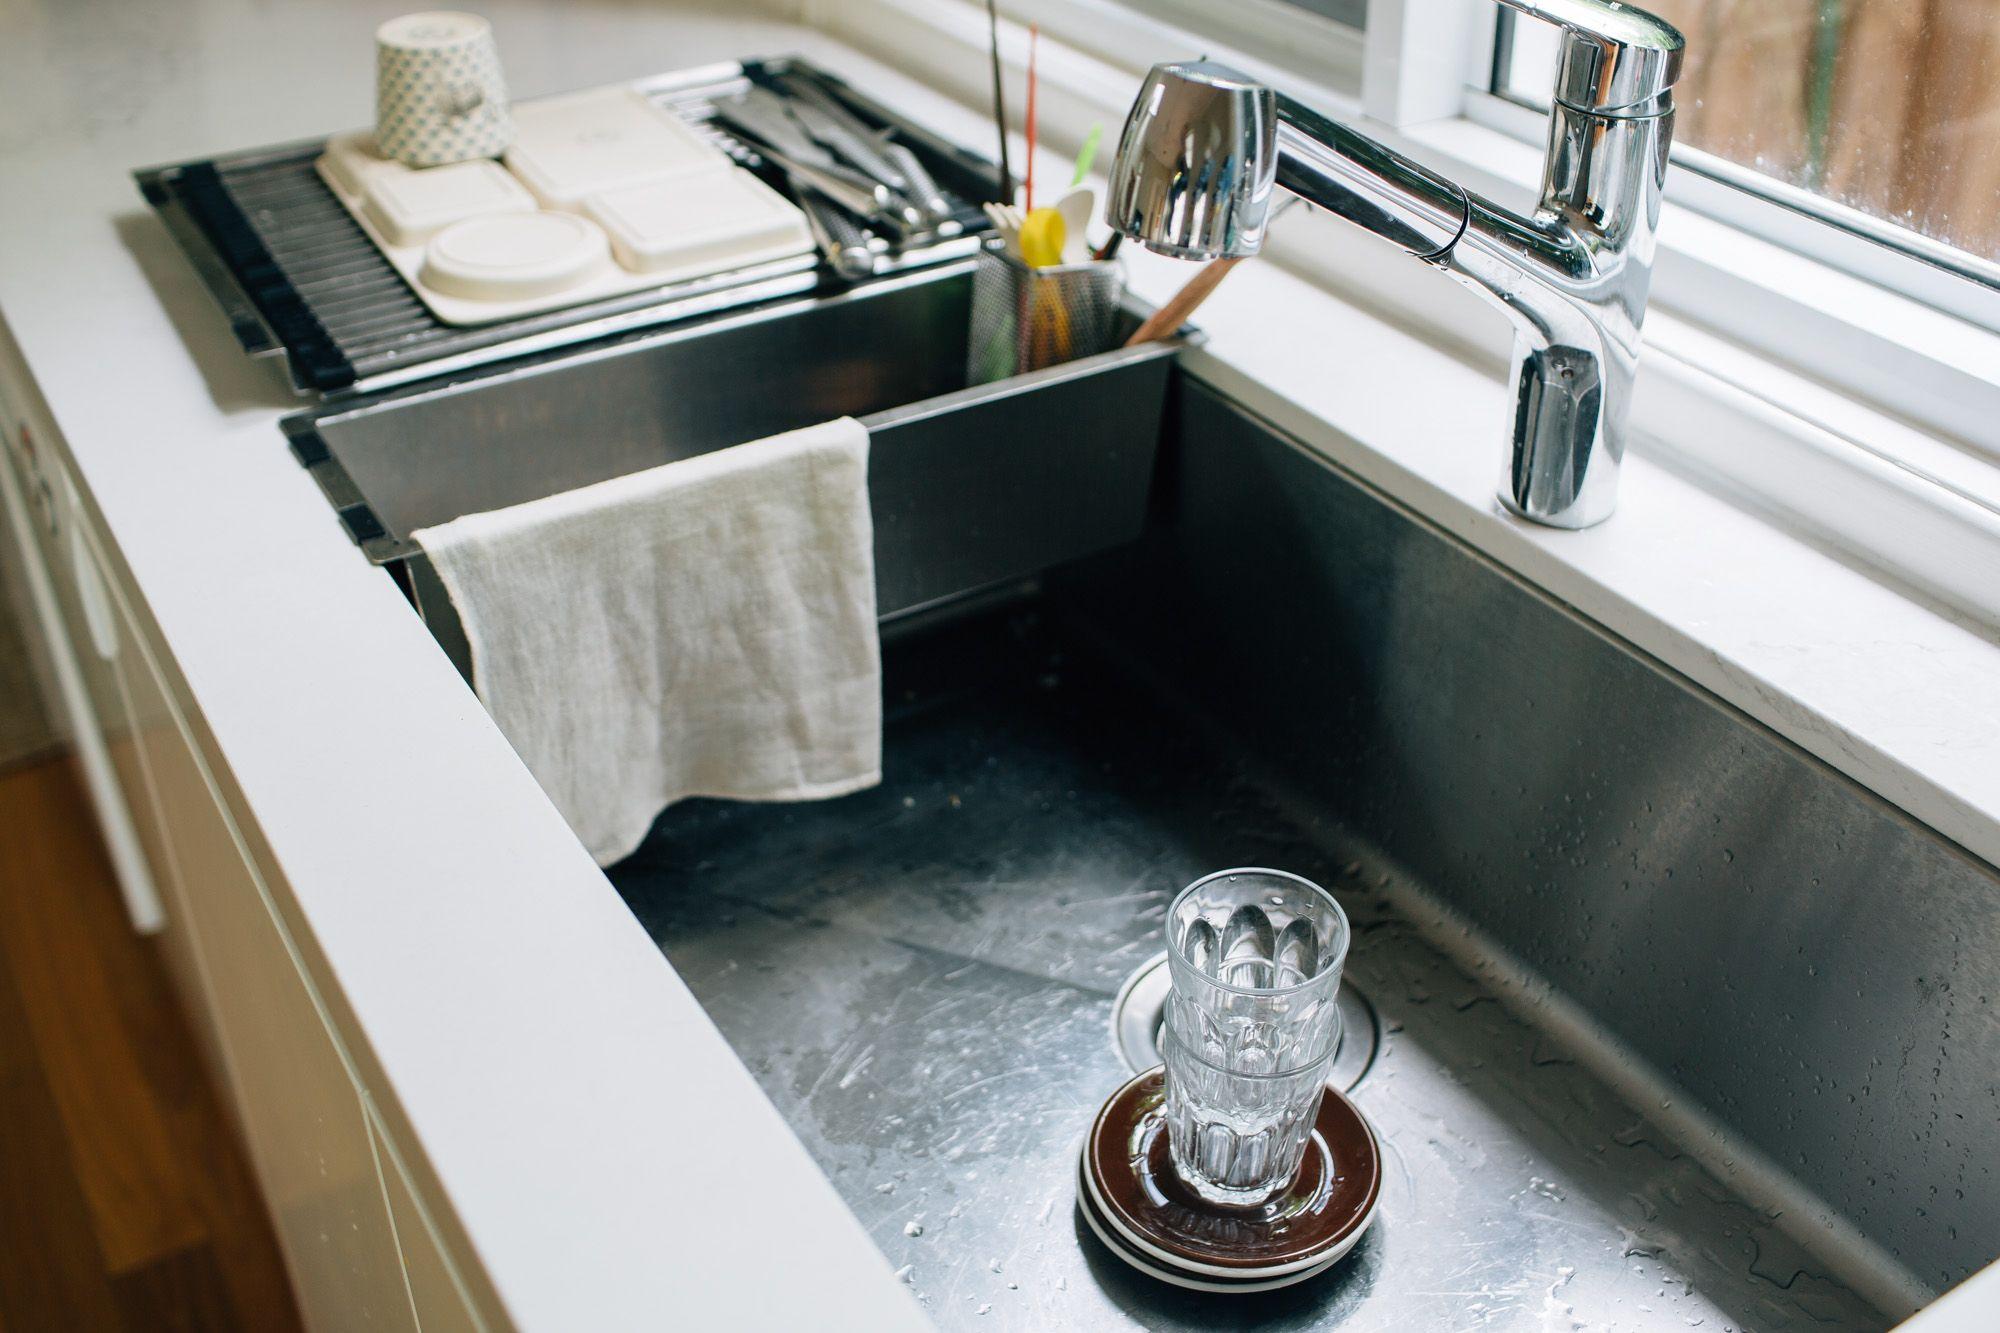 Designer Kuche Waschbecken Kuche Waschbecken Waschbecken Kuche